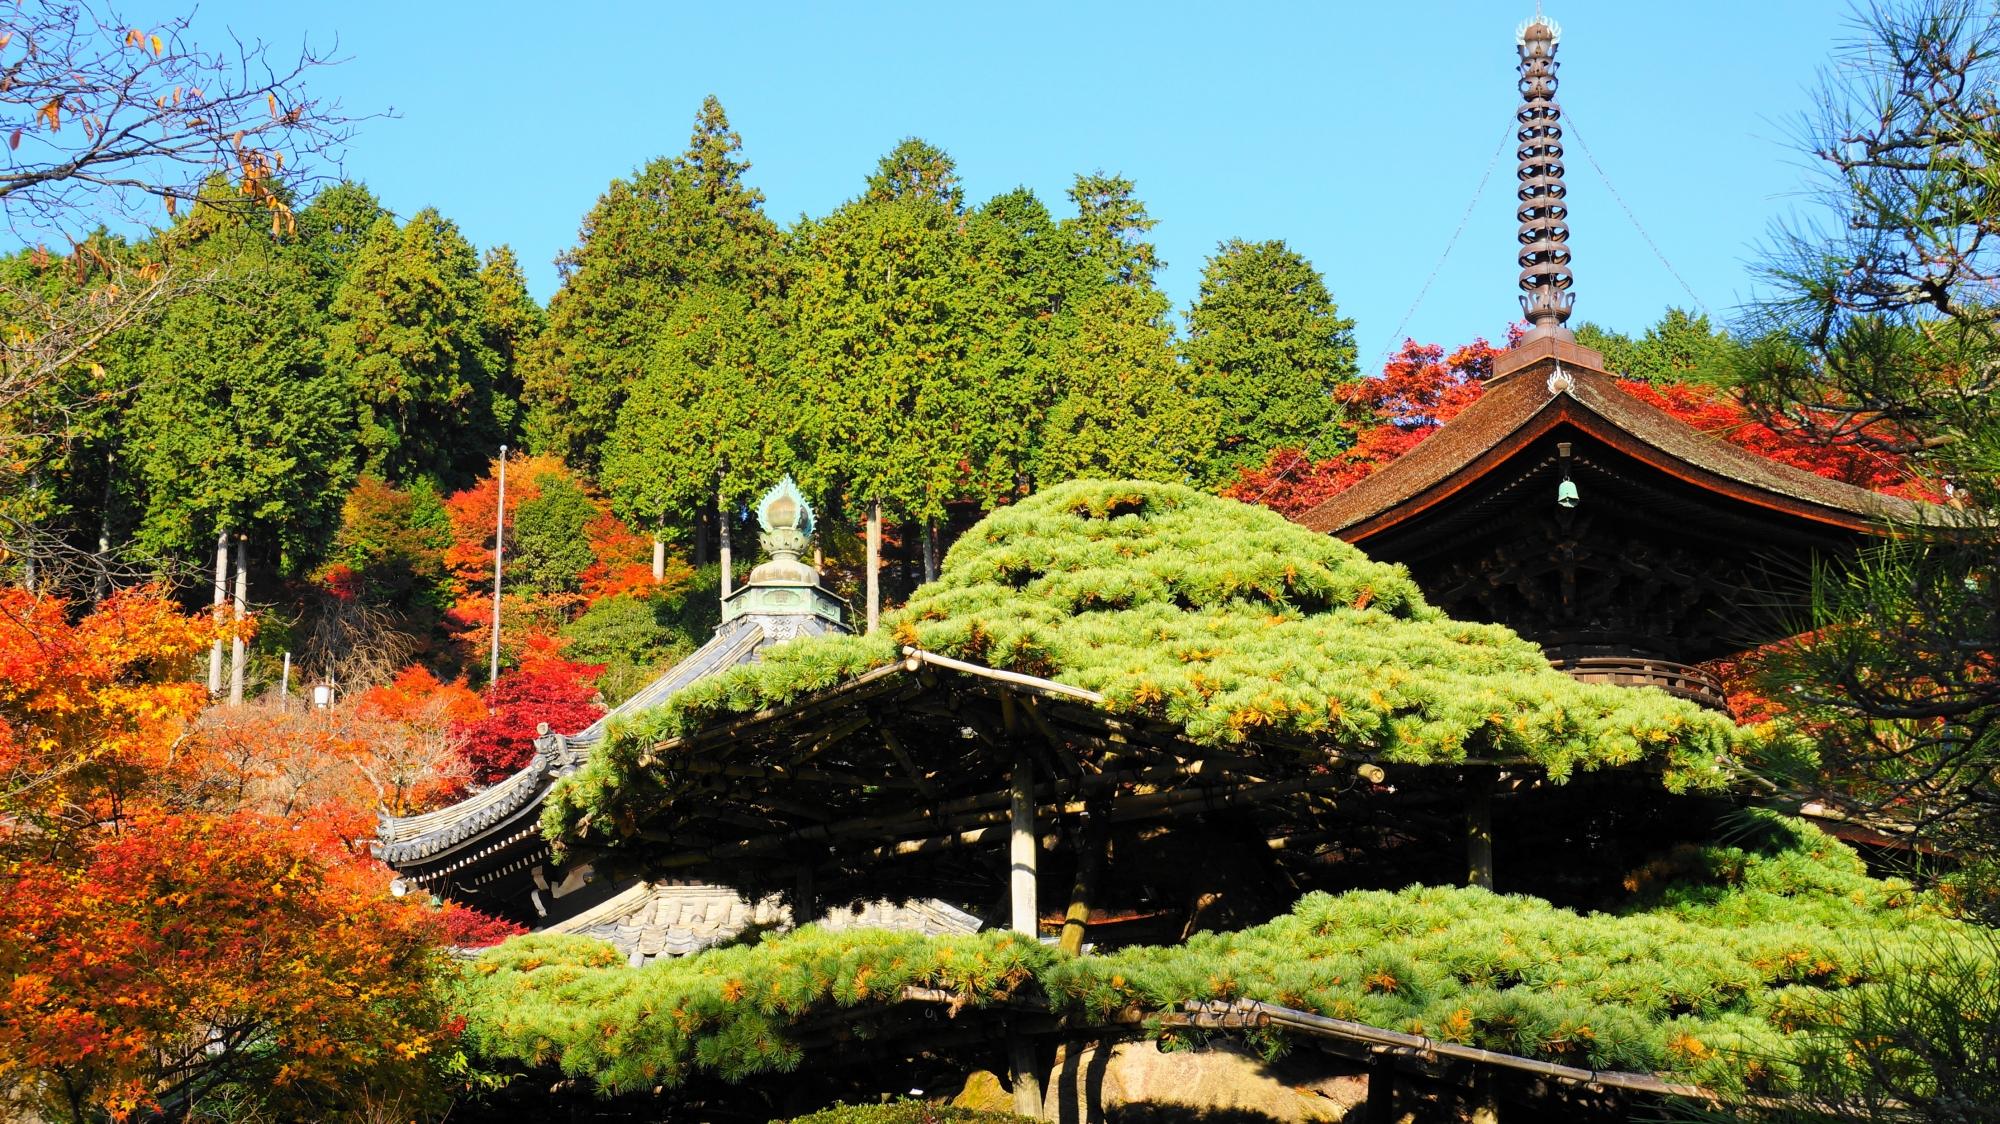 多宝塔を背景にした遊龍の松と紅葉